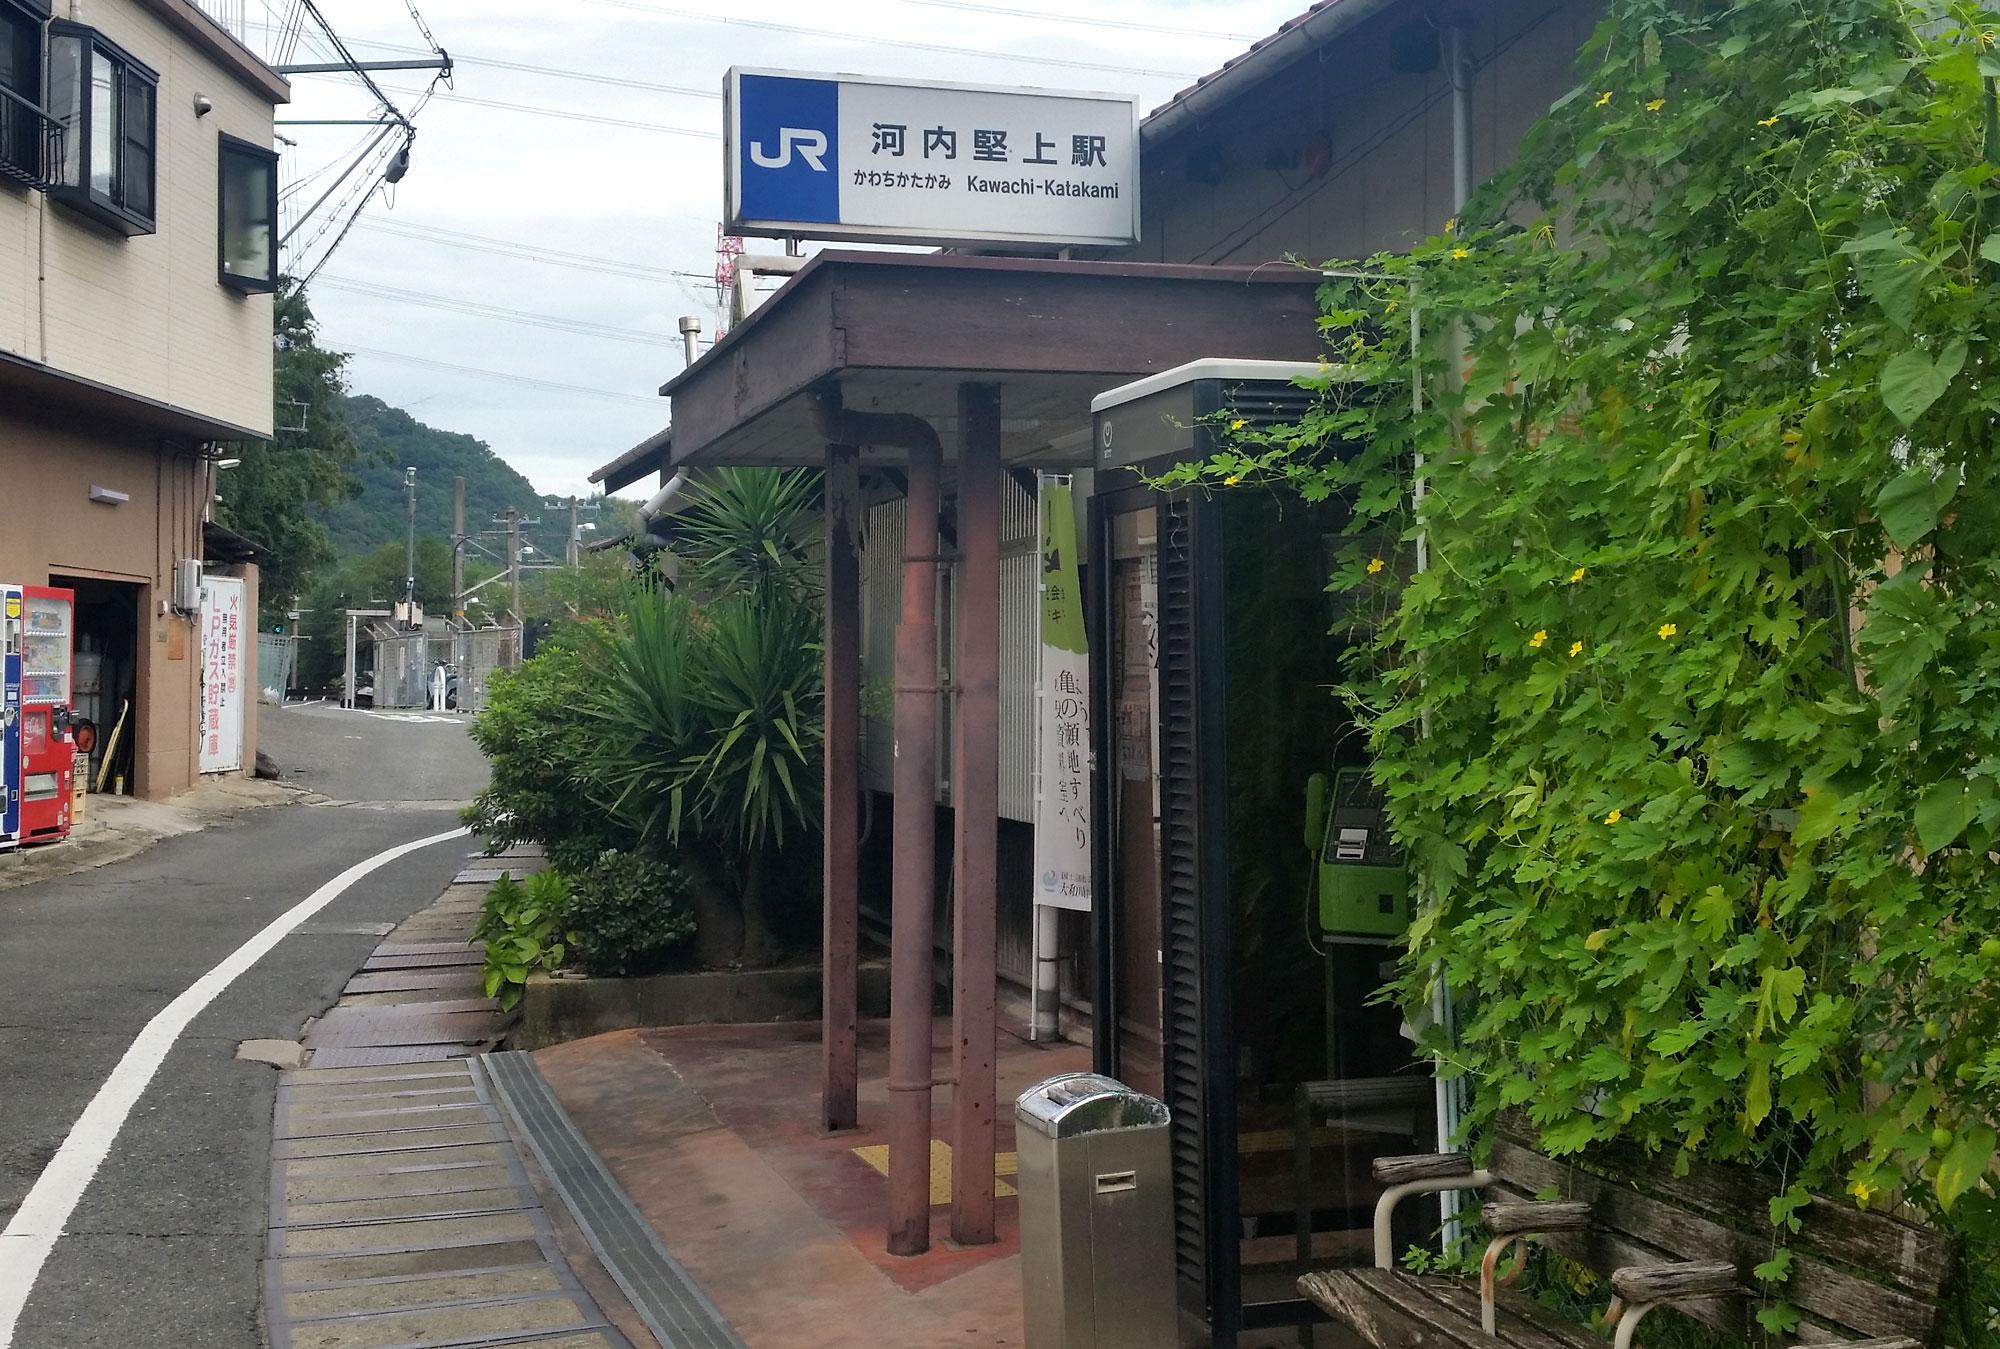 20160926_02.jpg